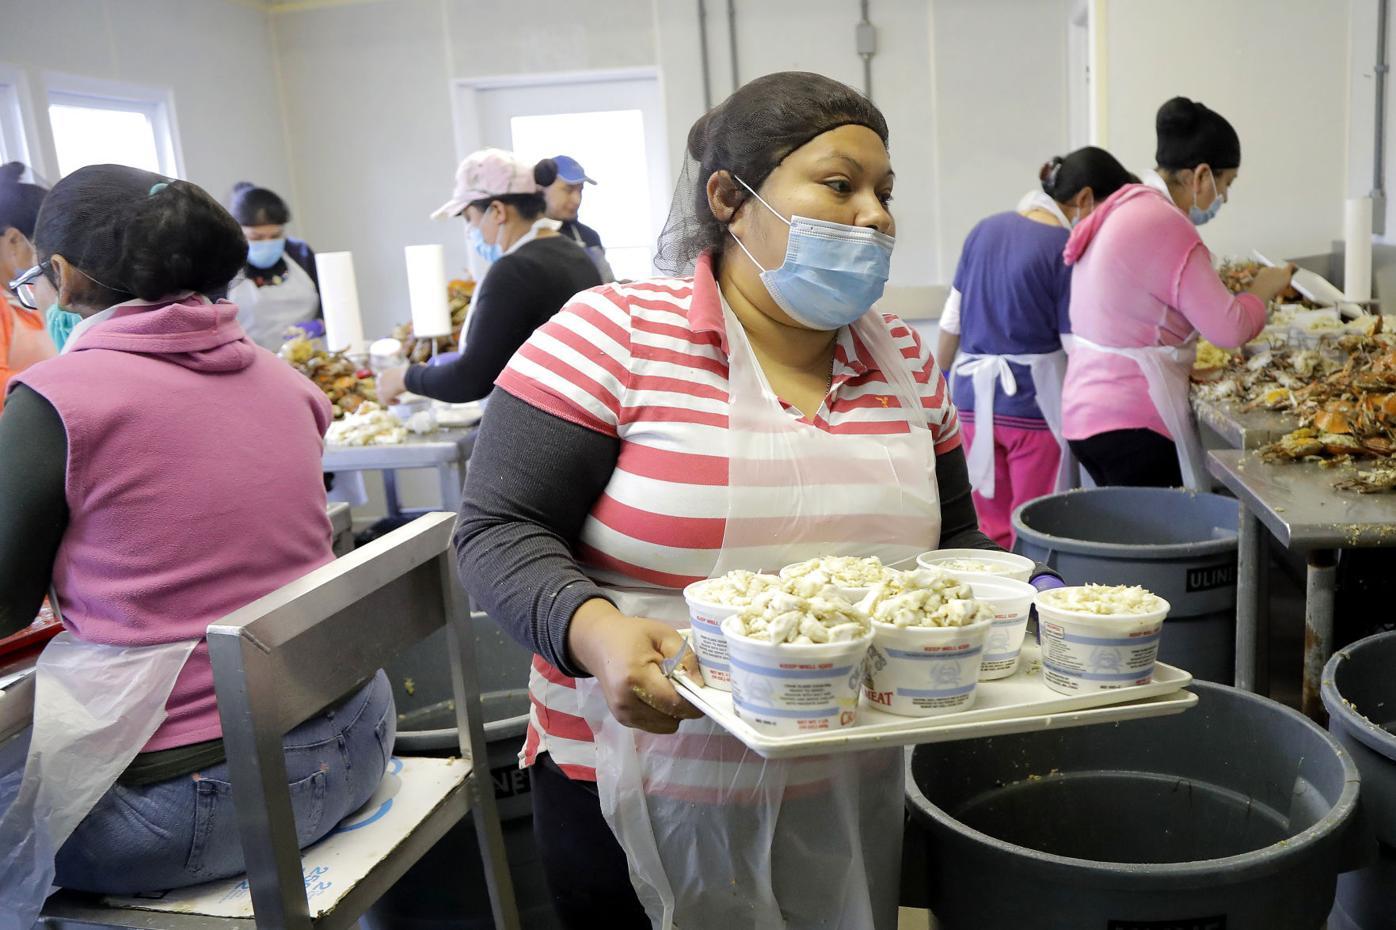 Virus Outbreak US - Guest Migrant Workers